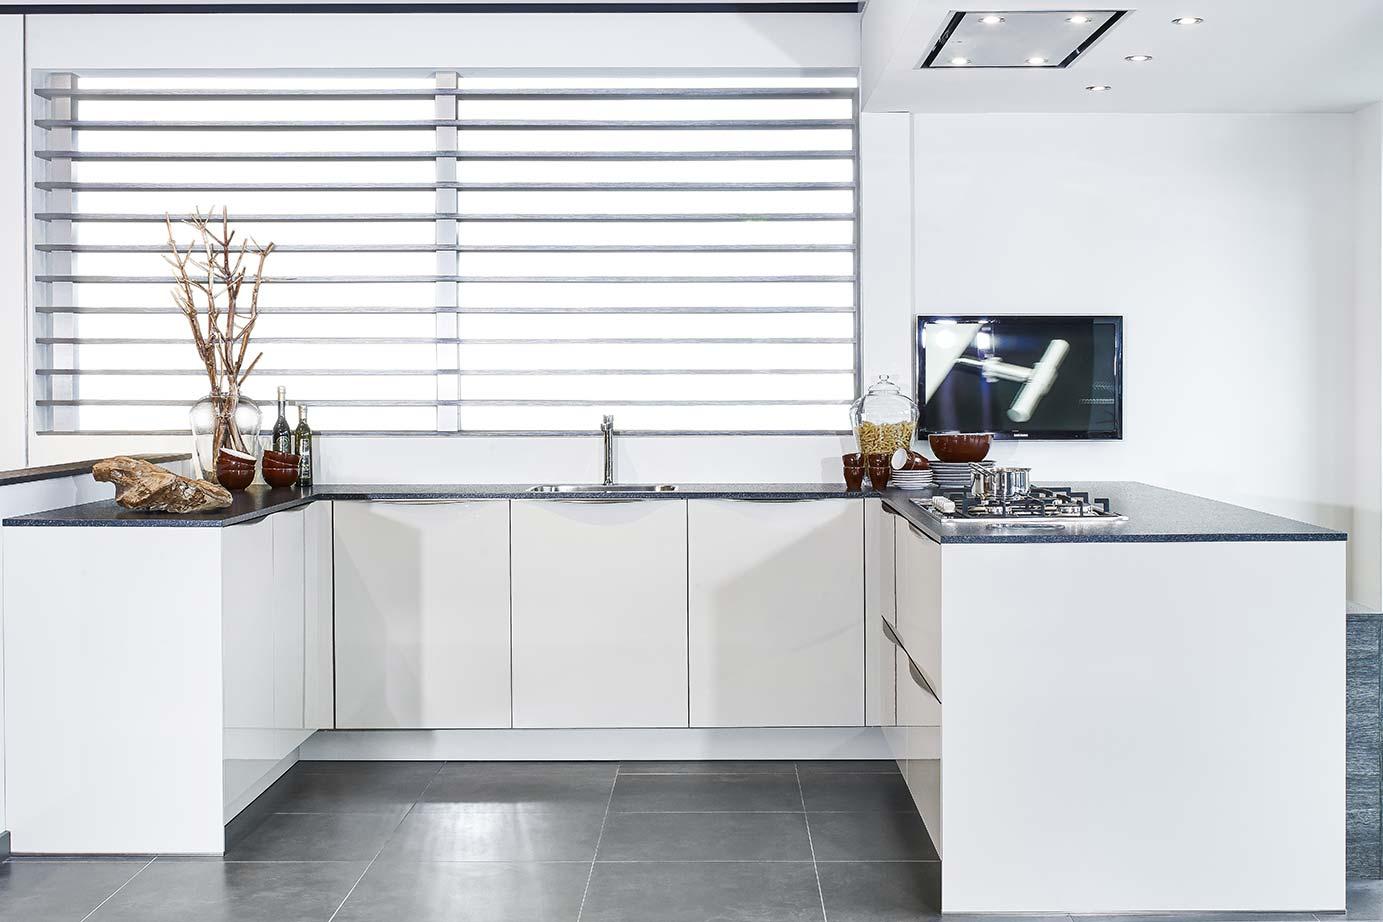 U Vormige Keuken : U keuken kopen lees info en bekijk vele voorbeelden db keukens